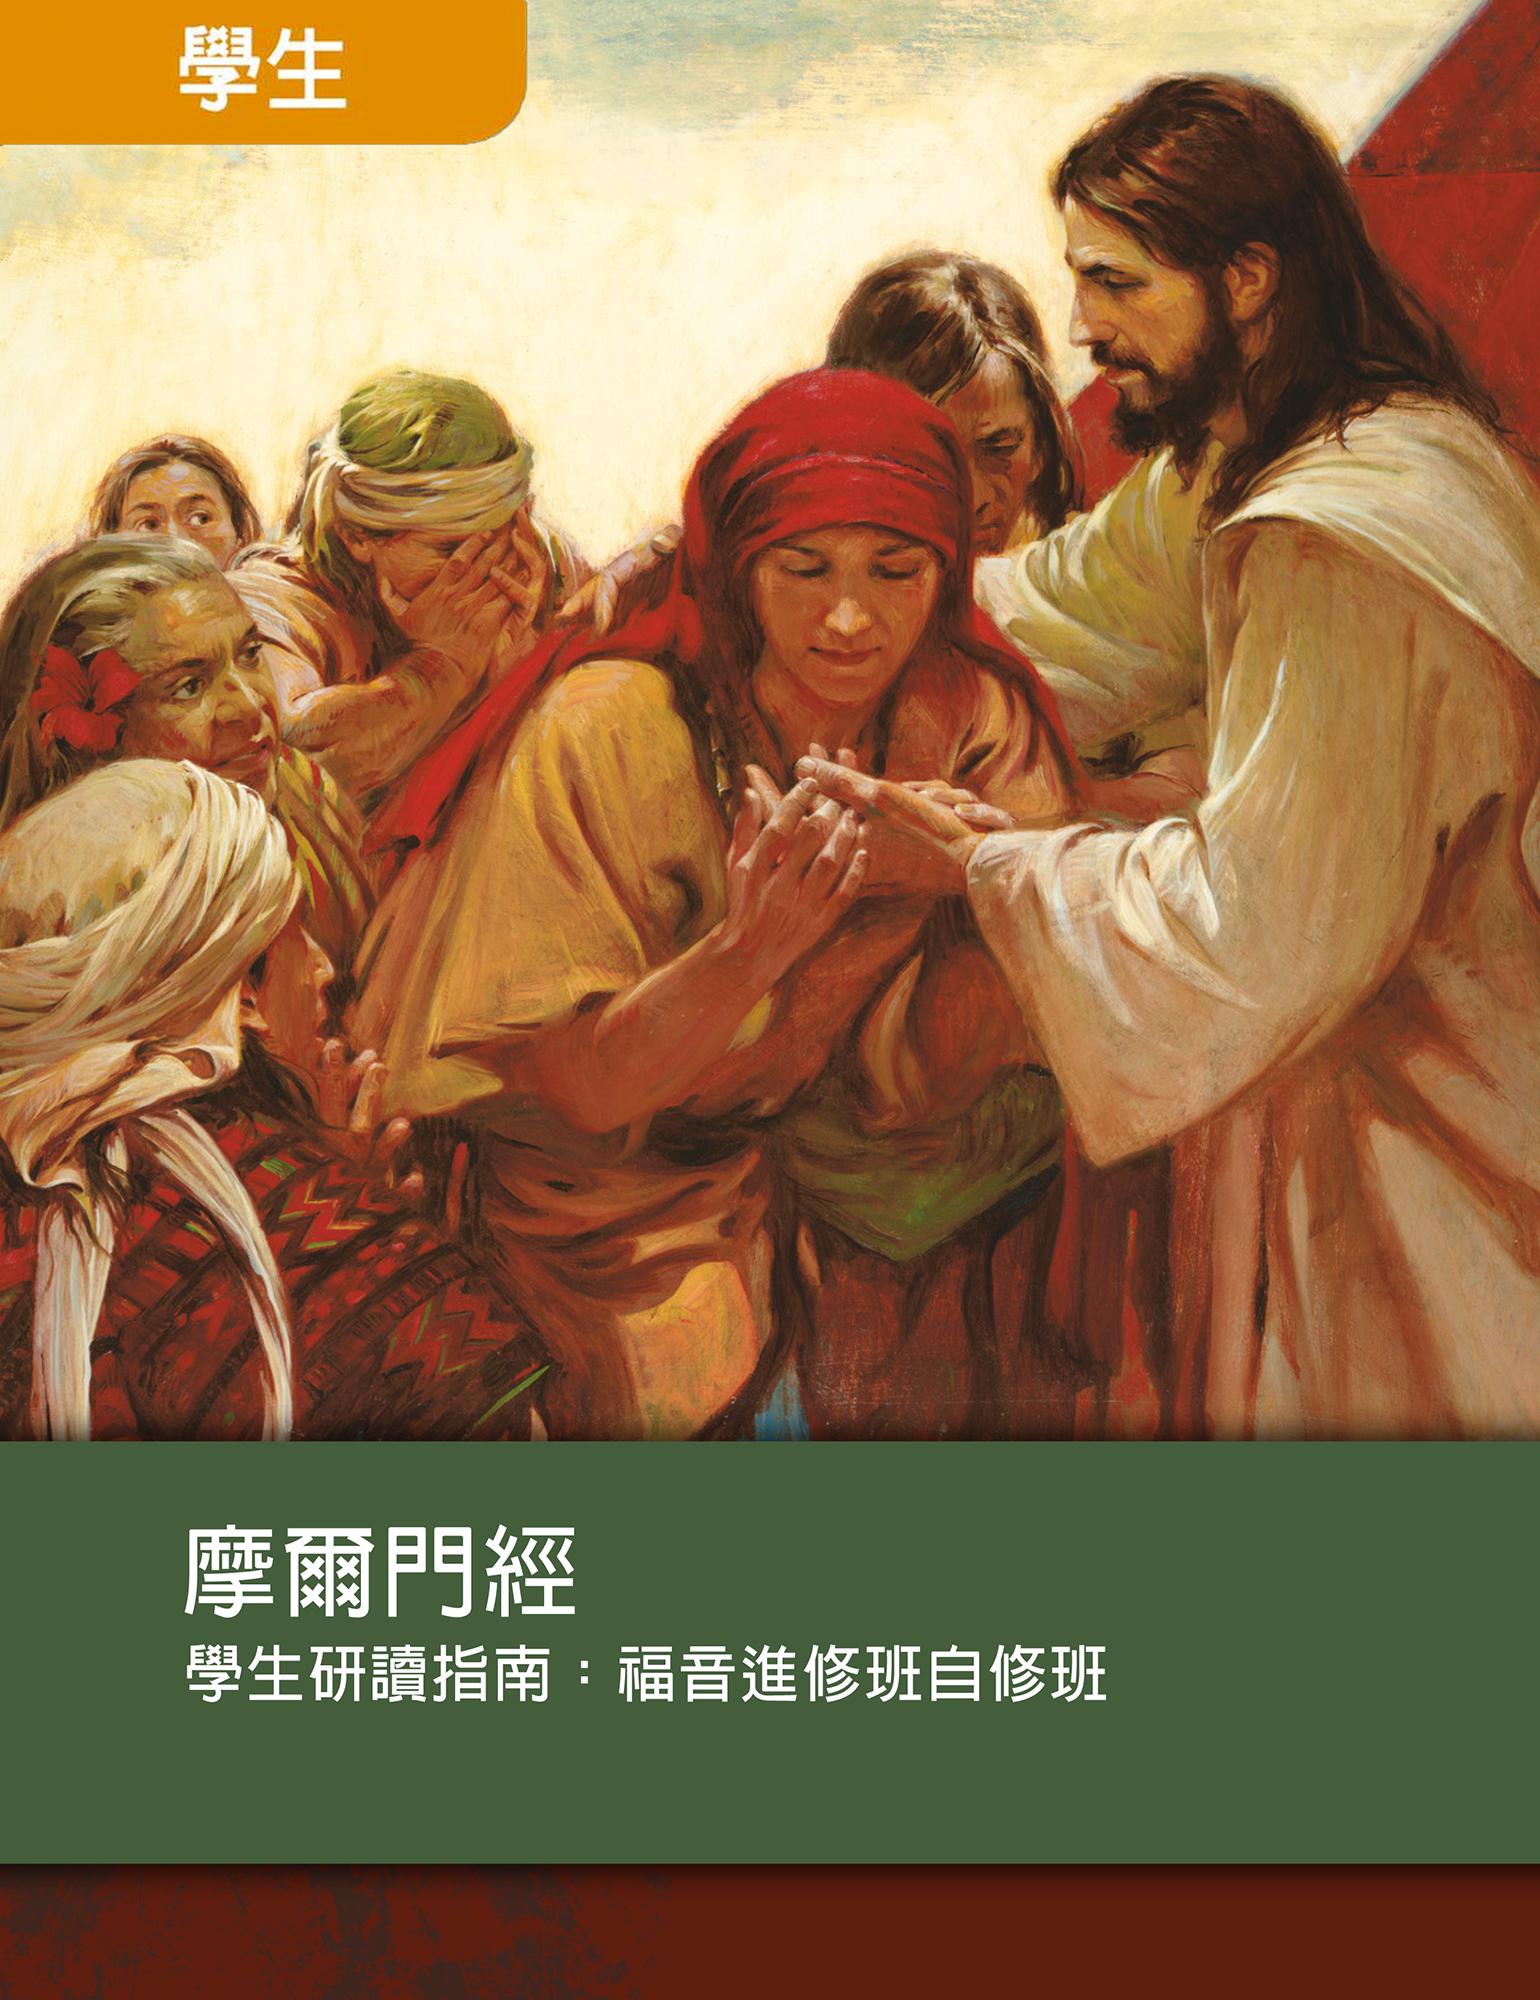 摩爾門經學生研讀指南:福音進修班自修班-2013